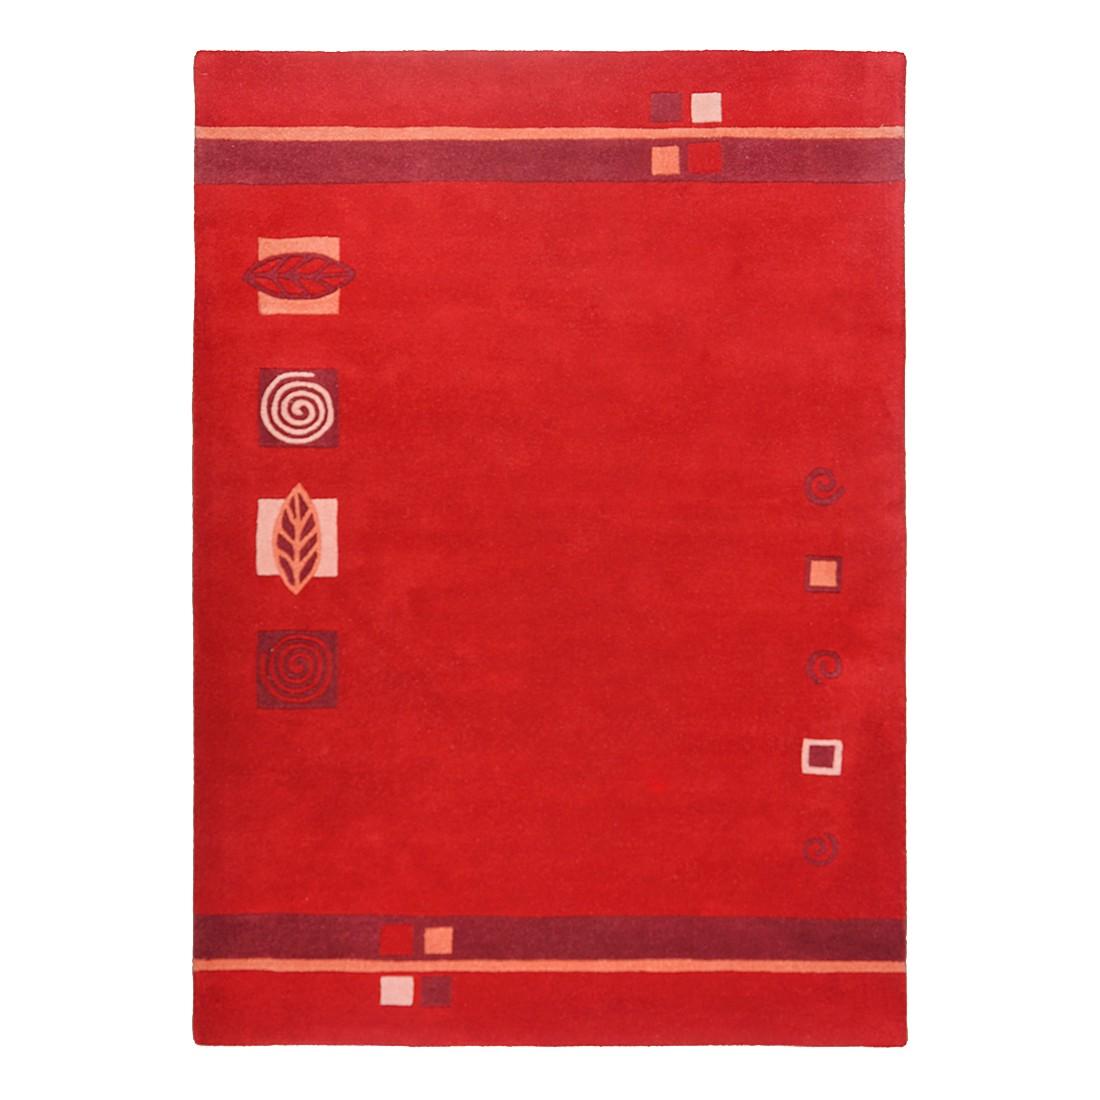 Teppich Florida – Wolle/Rot – 50 cm x 80 cm, THEKO die markenteppiche günstig online kaufen